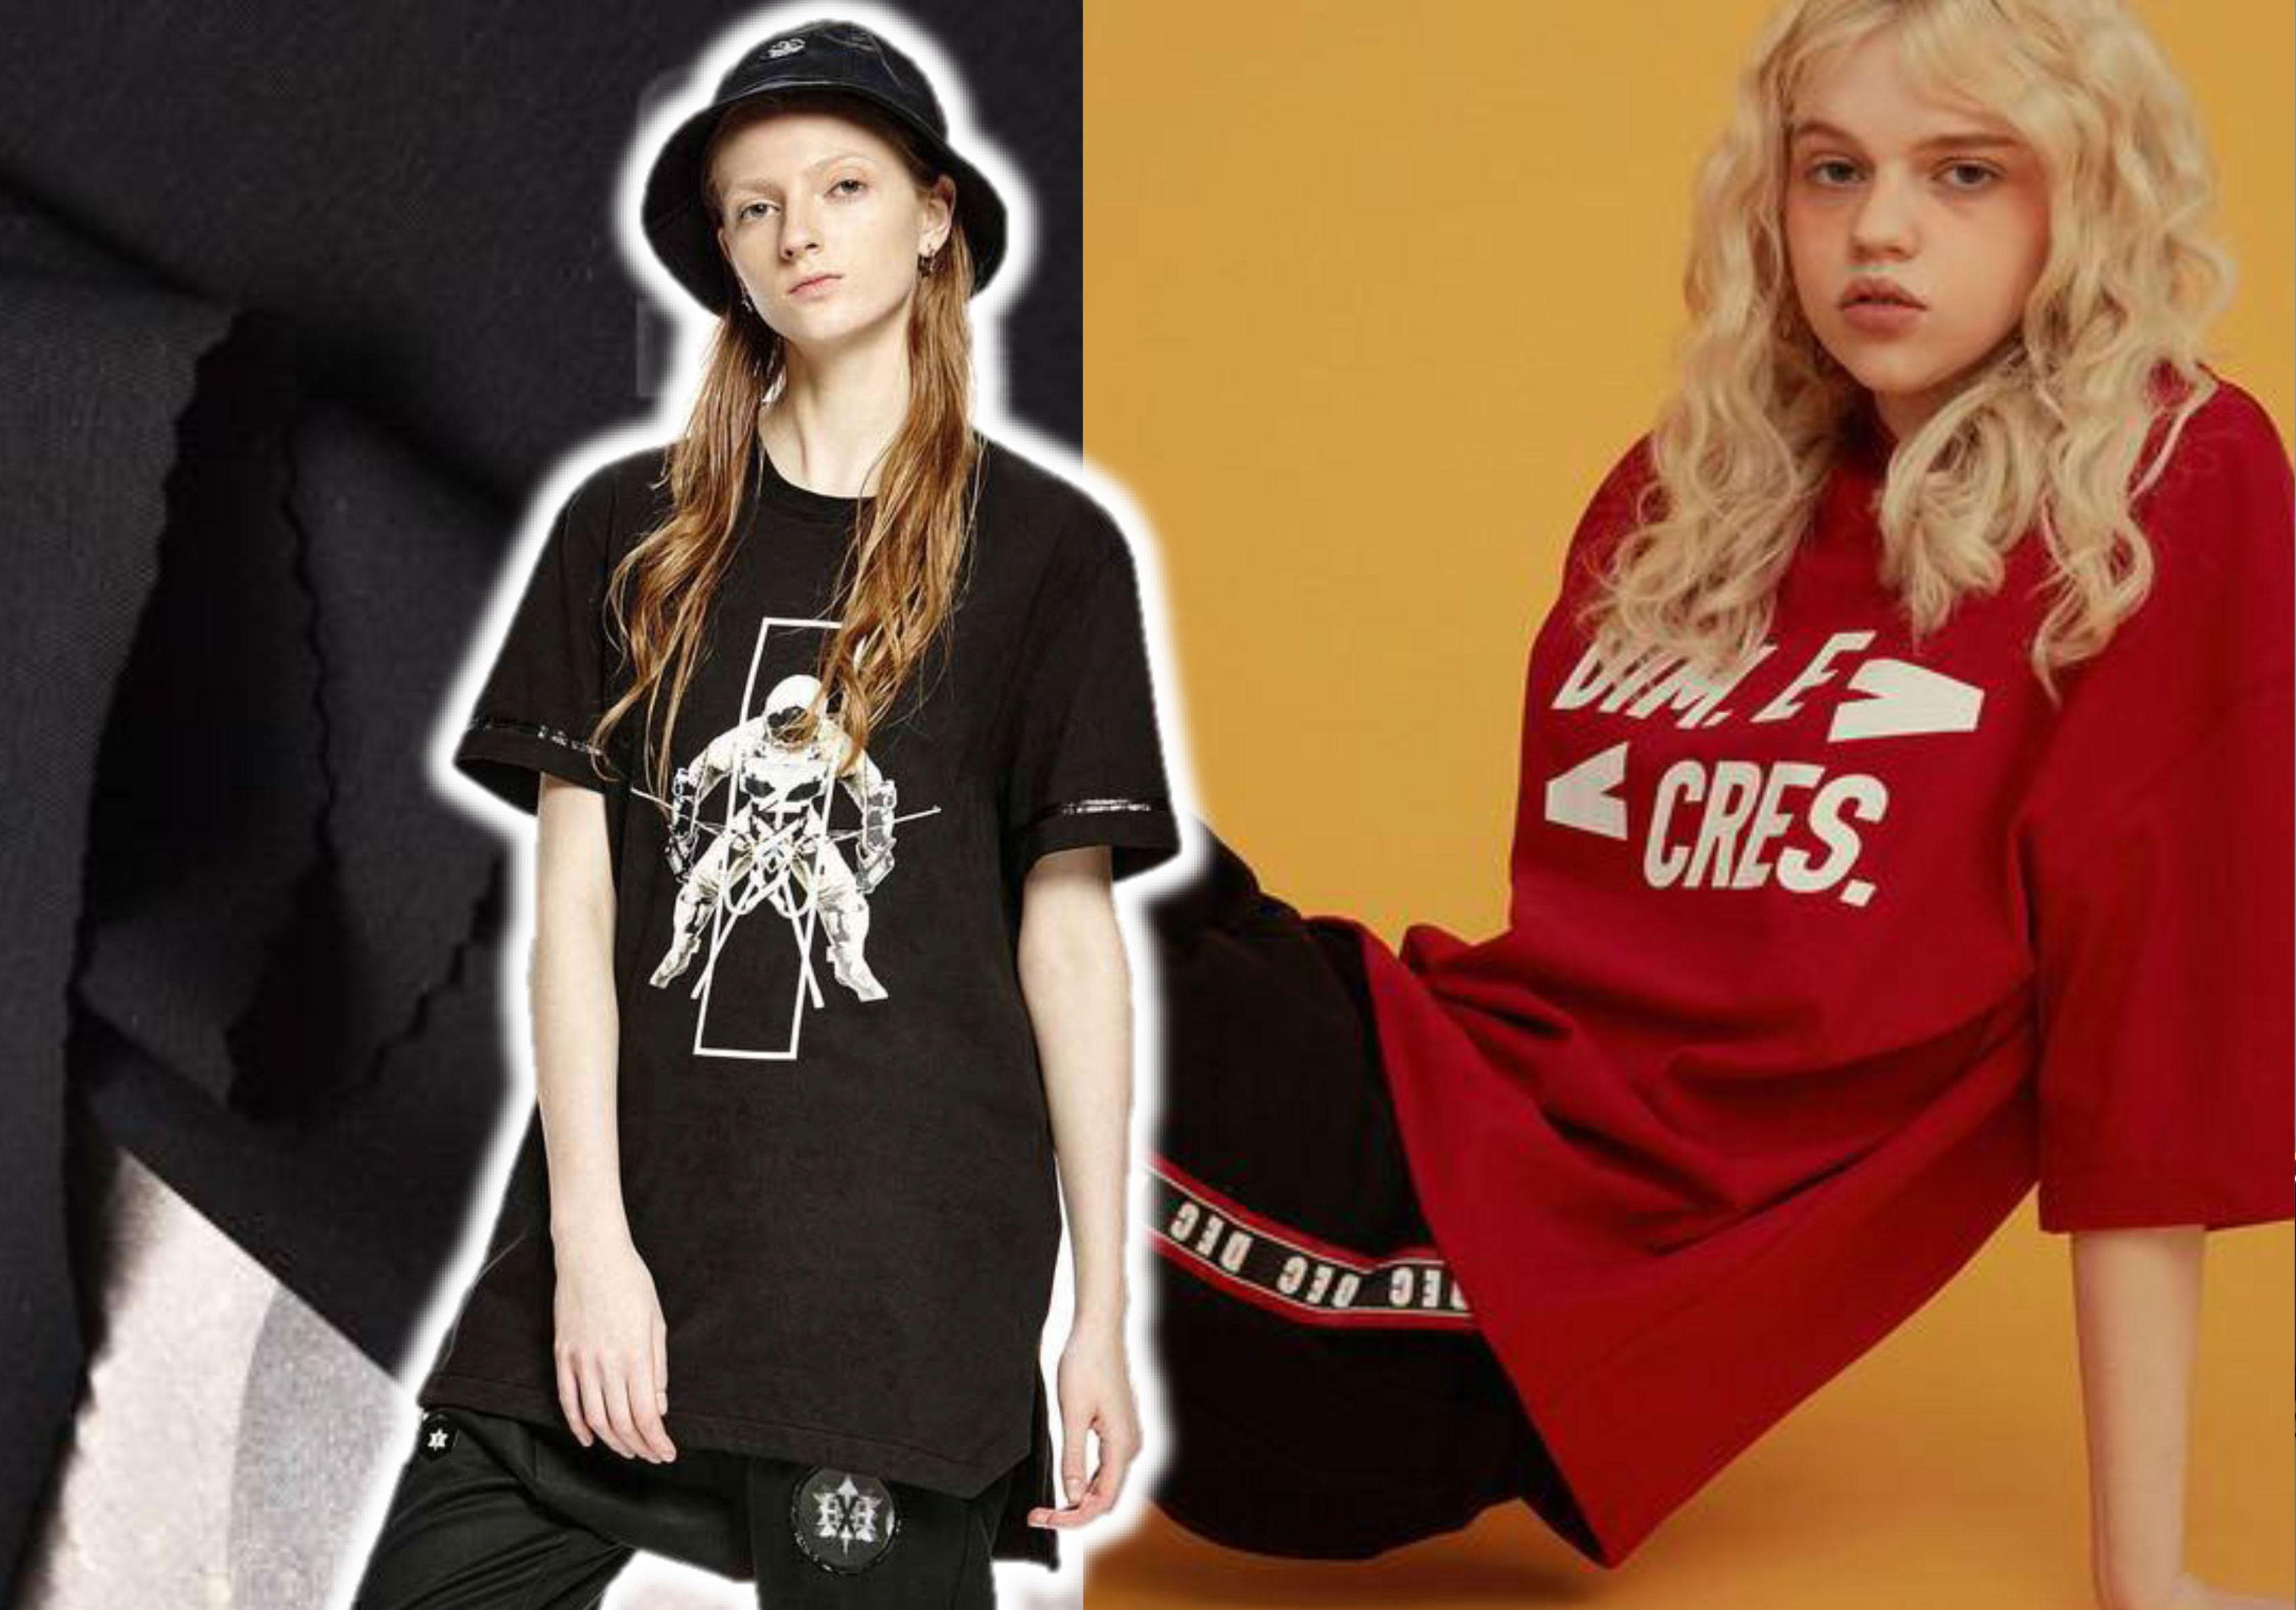 2018春夏女装作为时尚界Must-have的单品,T恤一定是榜单之首尤其是T恤的面料及印花,都展现了一个品牌不同季度产品的特色!